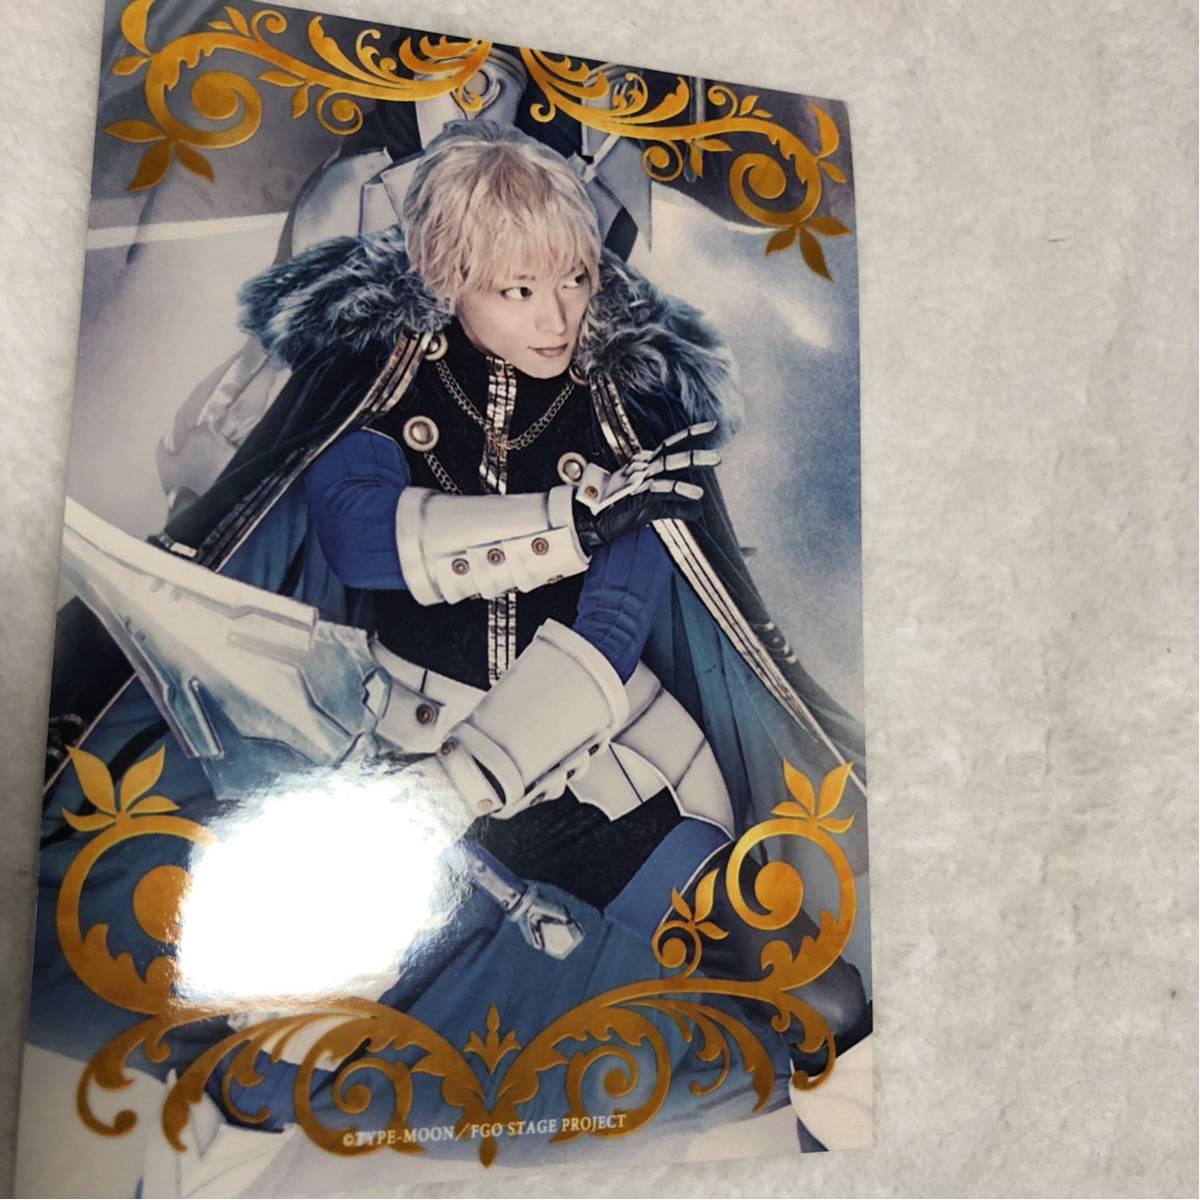 舞台Fate/Grand Orderトレーディングブロマイド ガウェイン グッズの画像